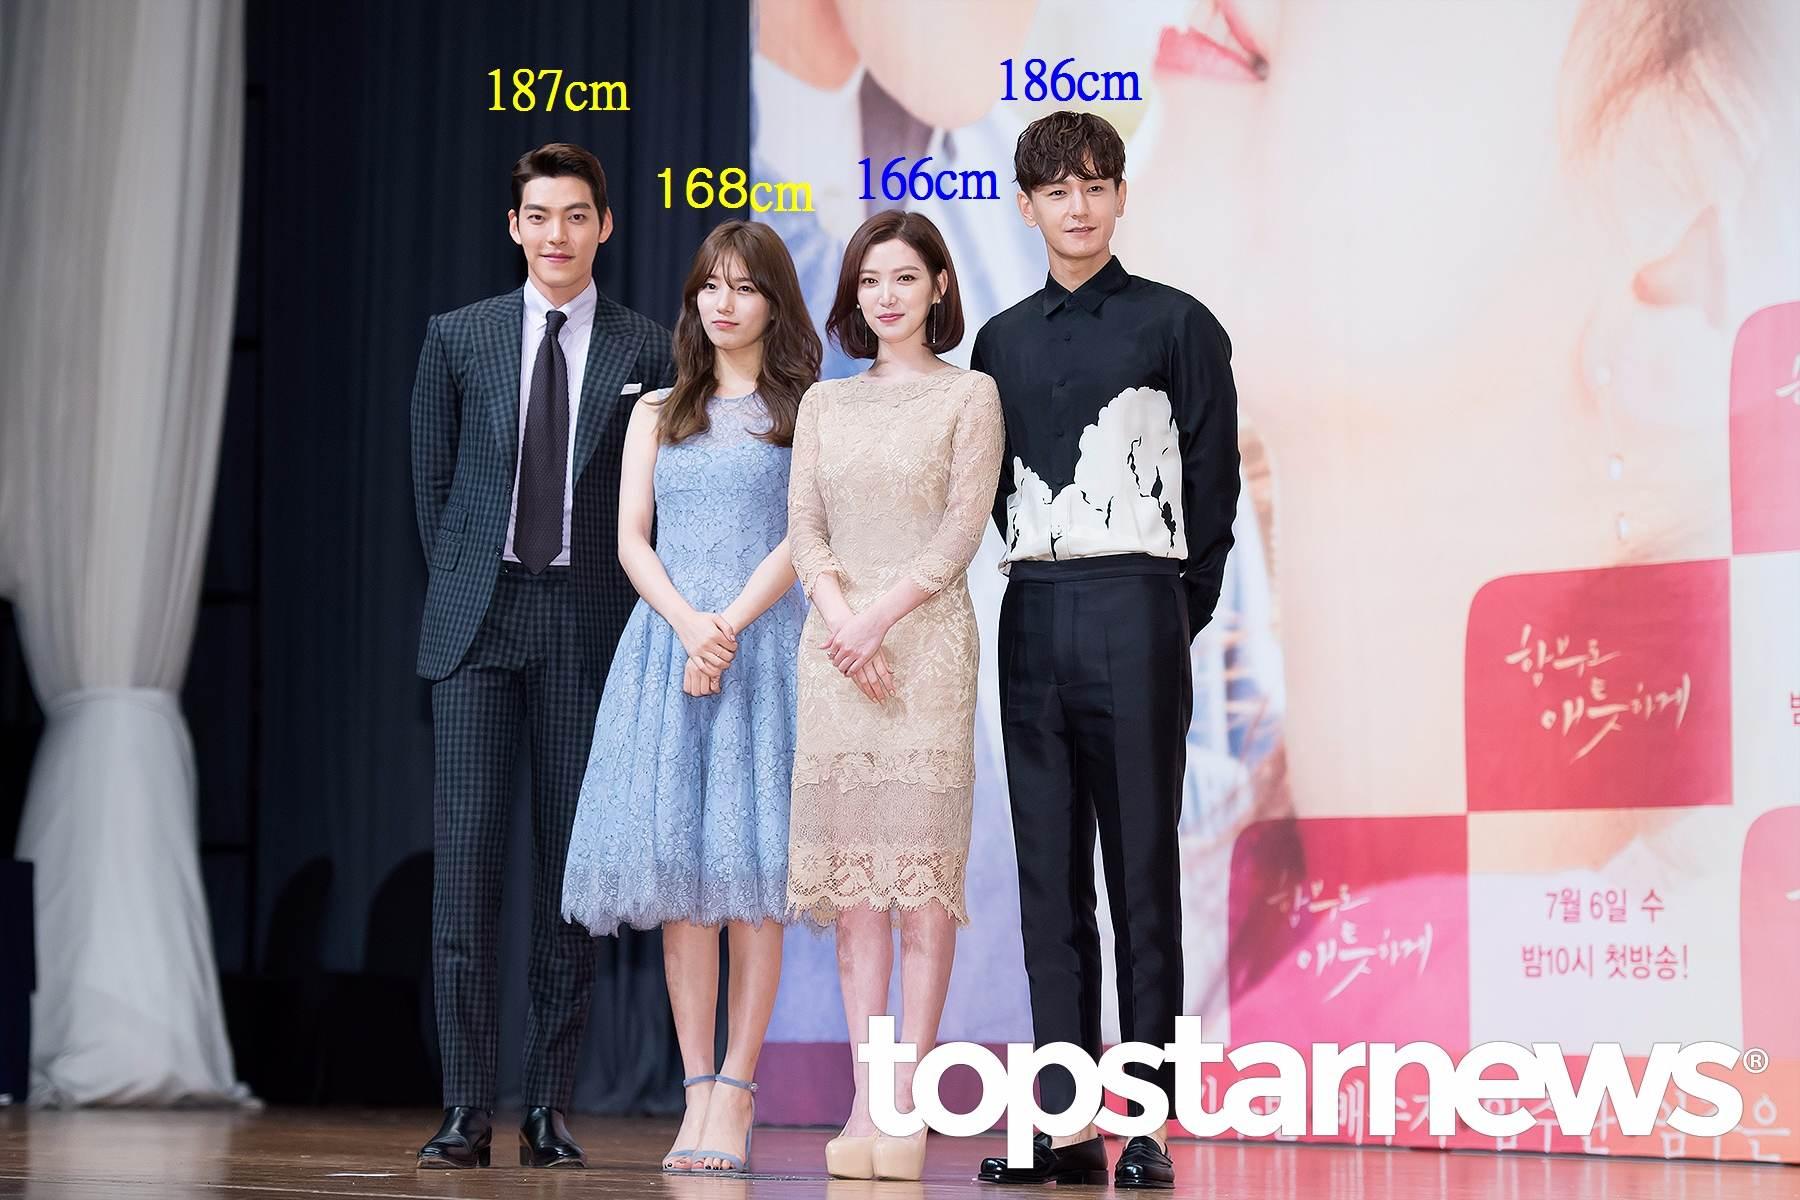 秀智比想像中高一點耶,林周煥竟然也只比宇彬矮1公分!四個人的平均身高是176.75cm~